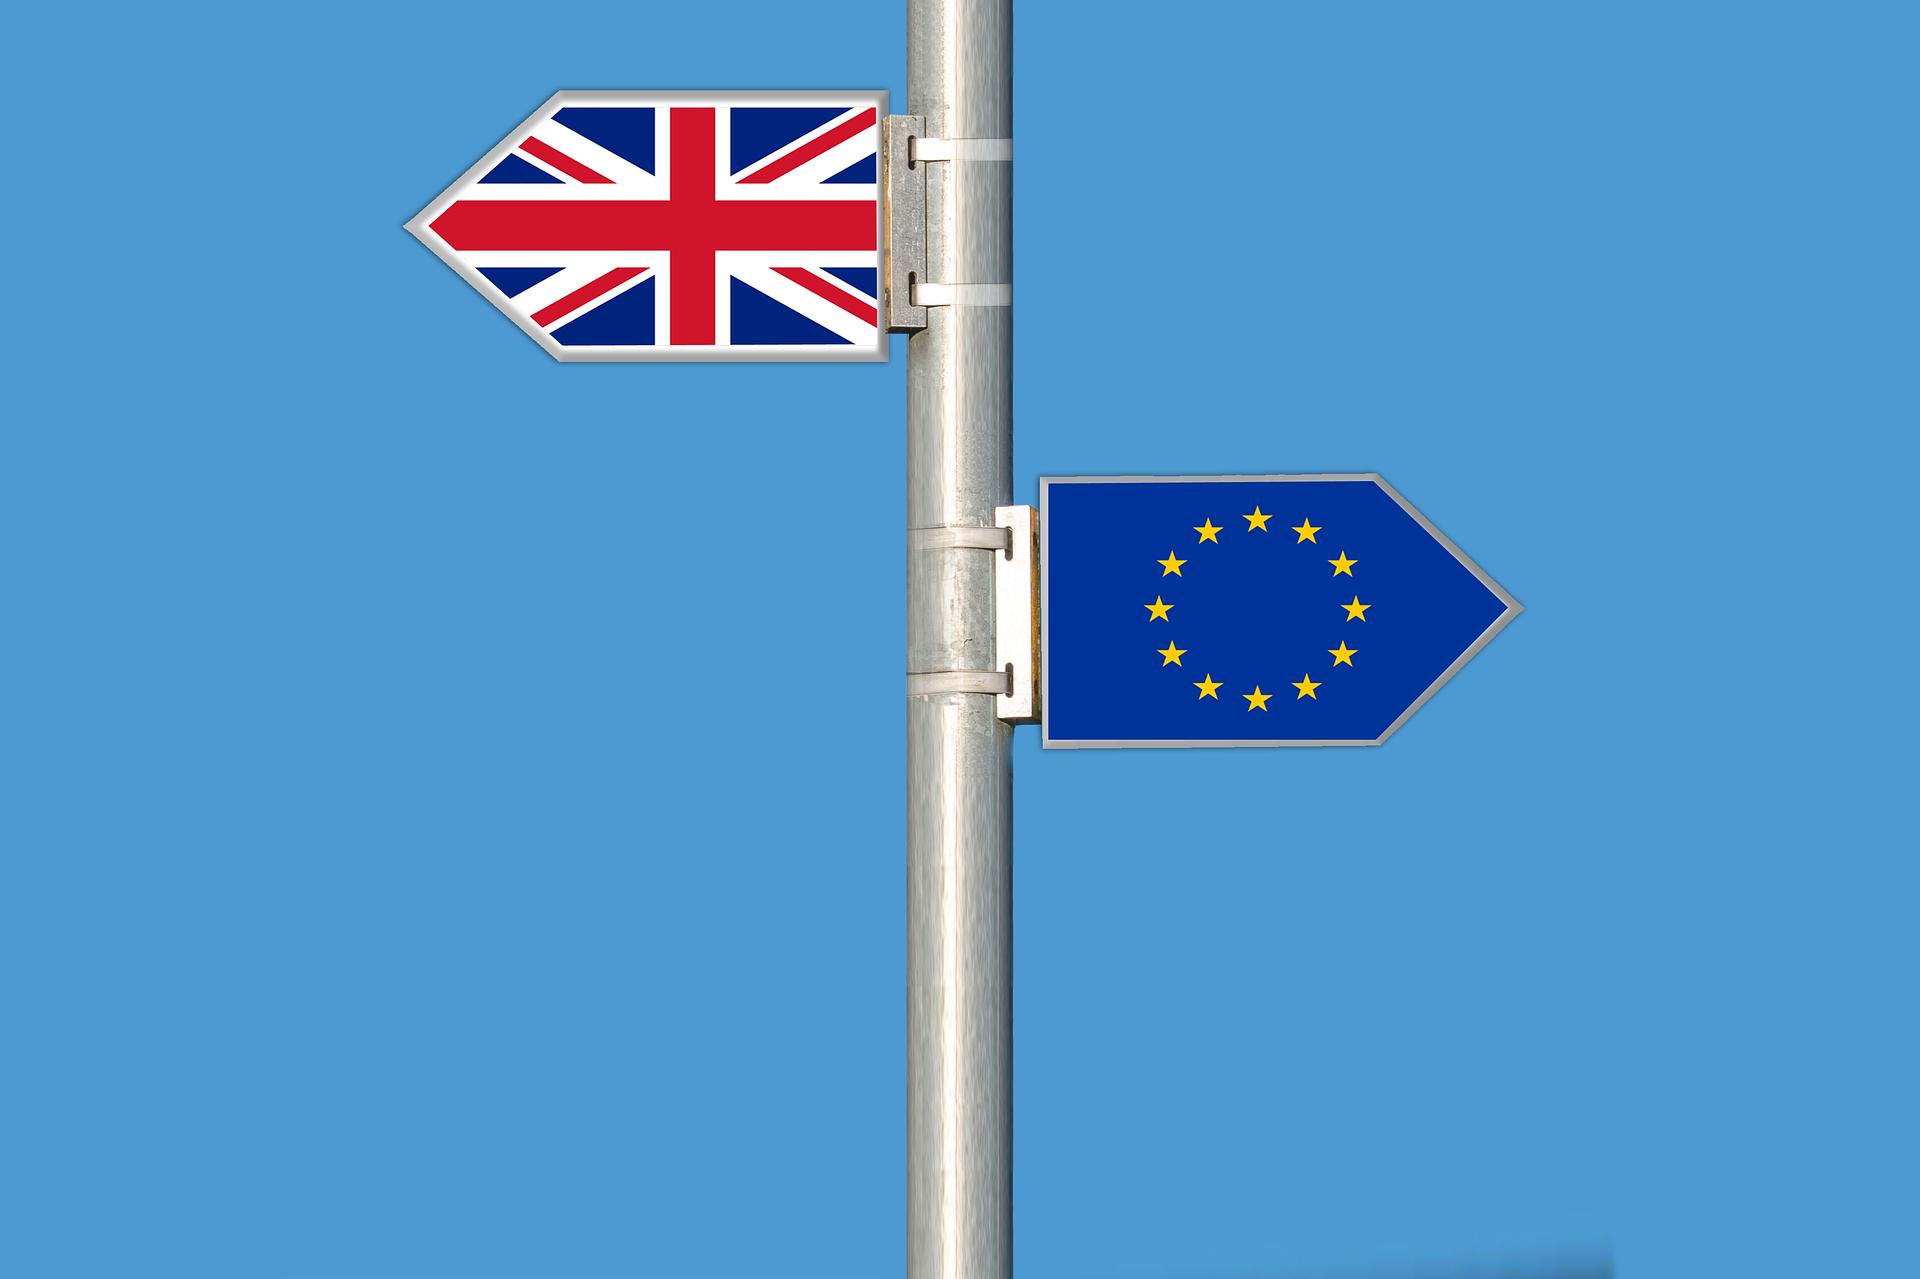 Англия член евросоюза особый статус